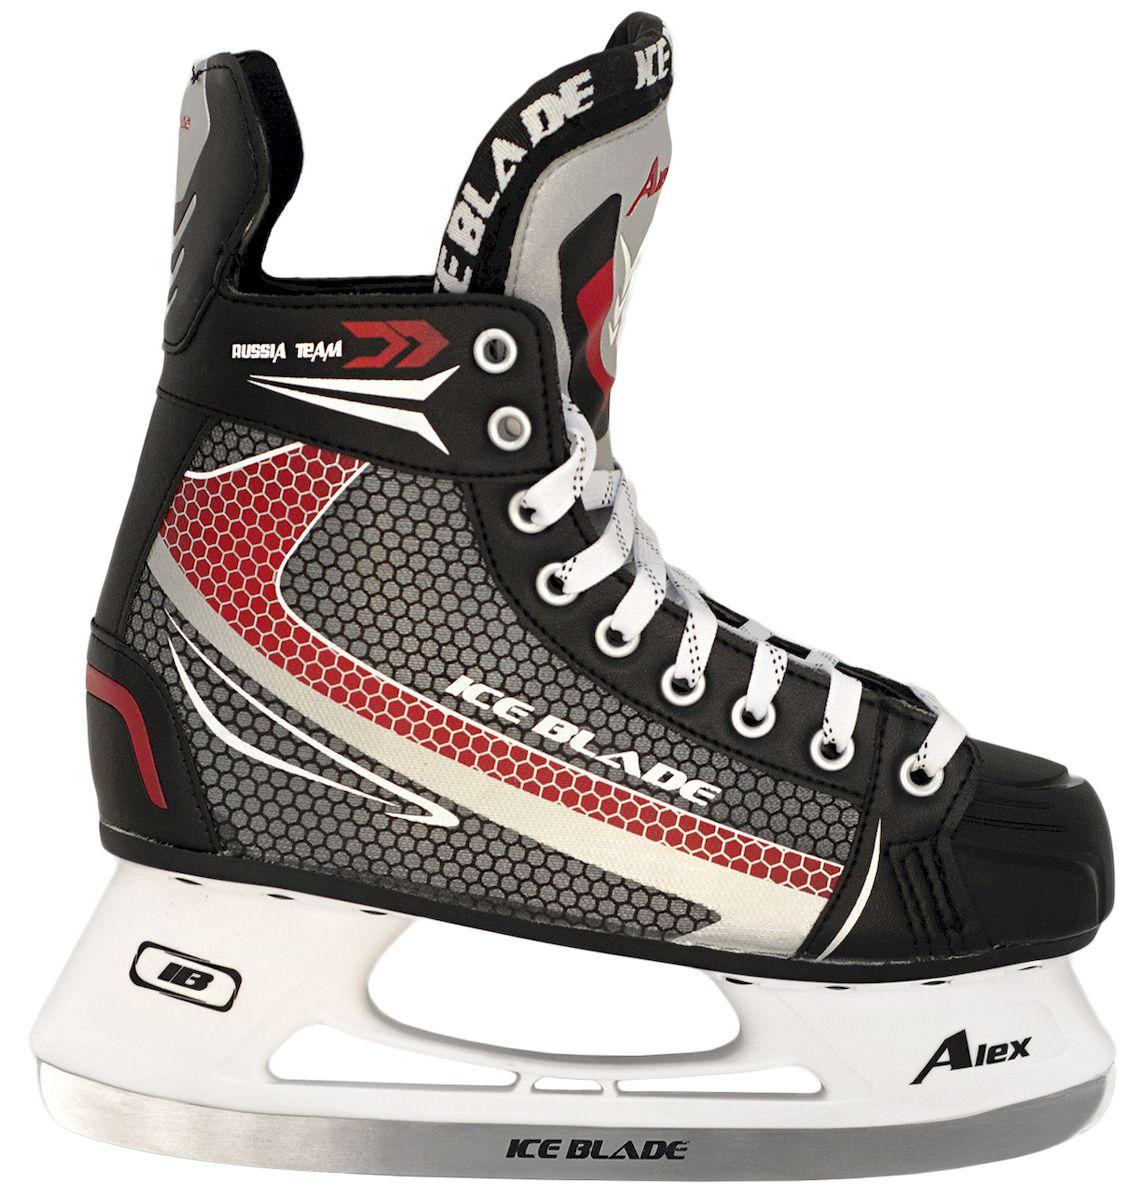 Коньки хоккейные Ice Blade Alex New, цвет: черный, красный, серый. УТ-00006868. Размер 41